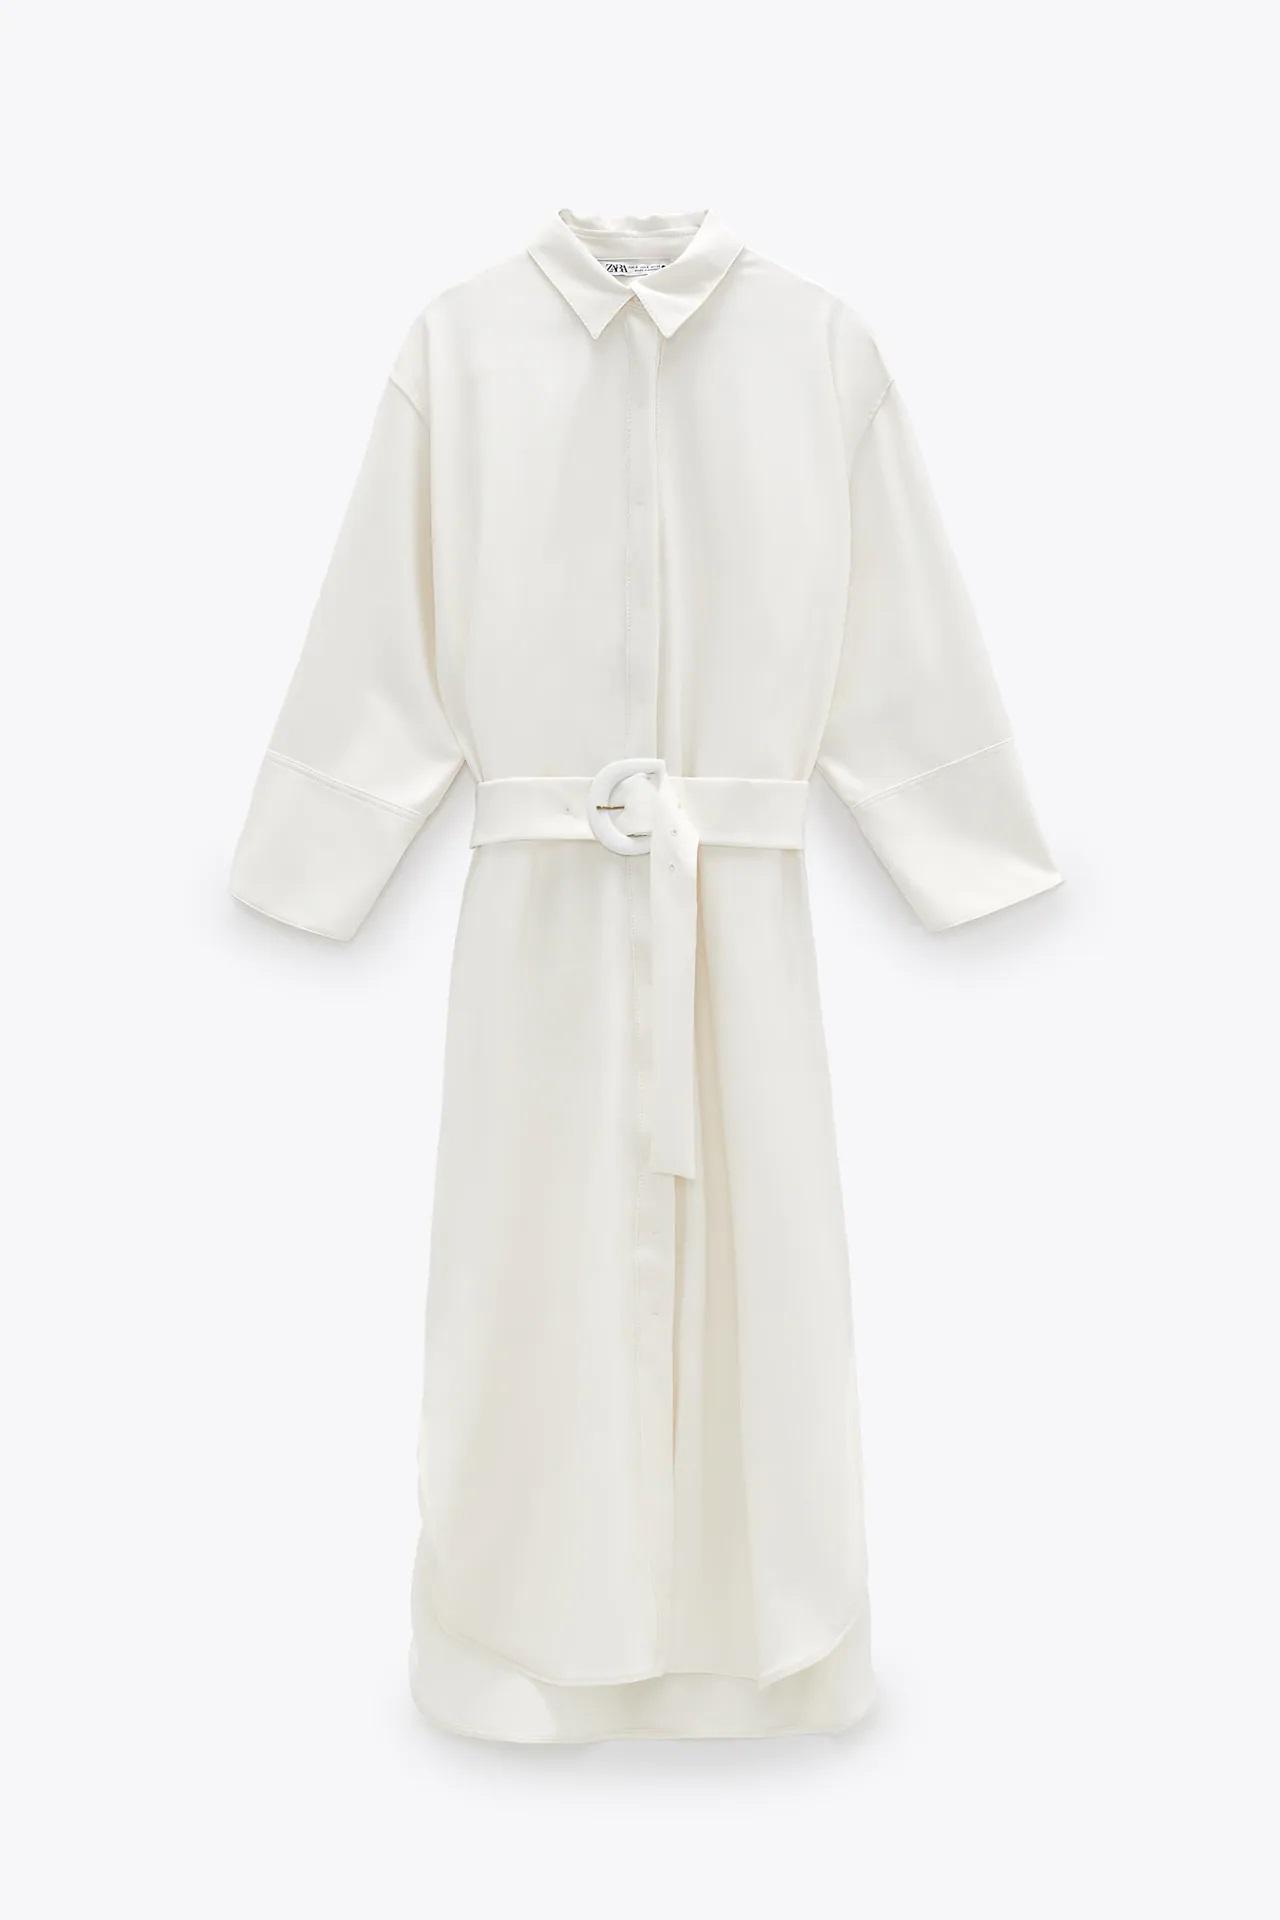 Vicky Martín Berrocal tiene el vestido camisero de Zara ideal para mujeres curvy